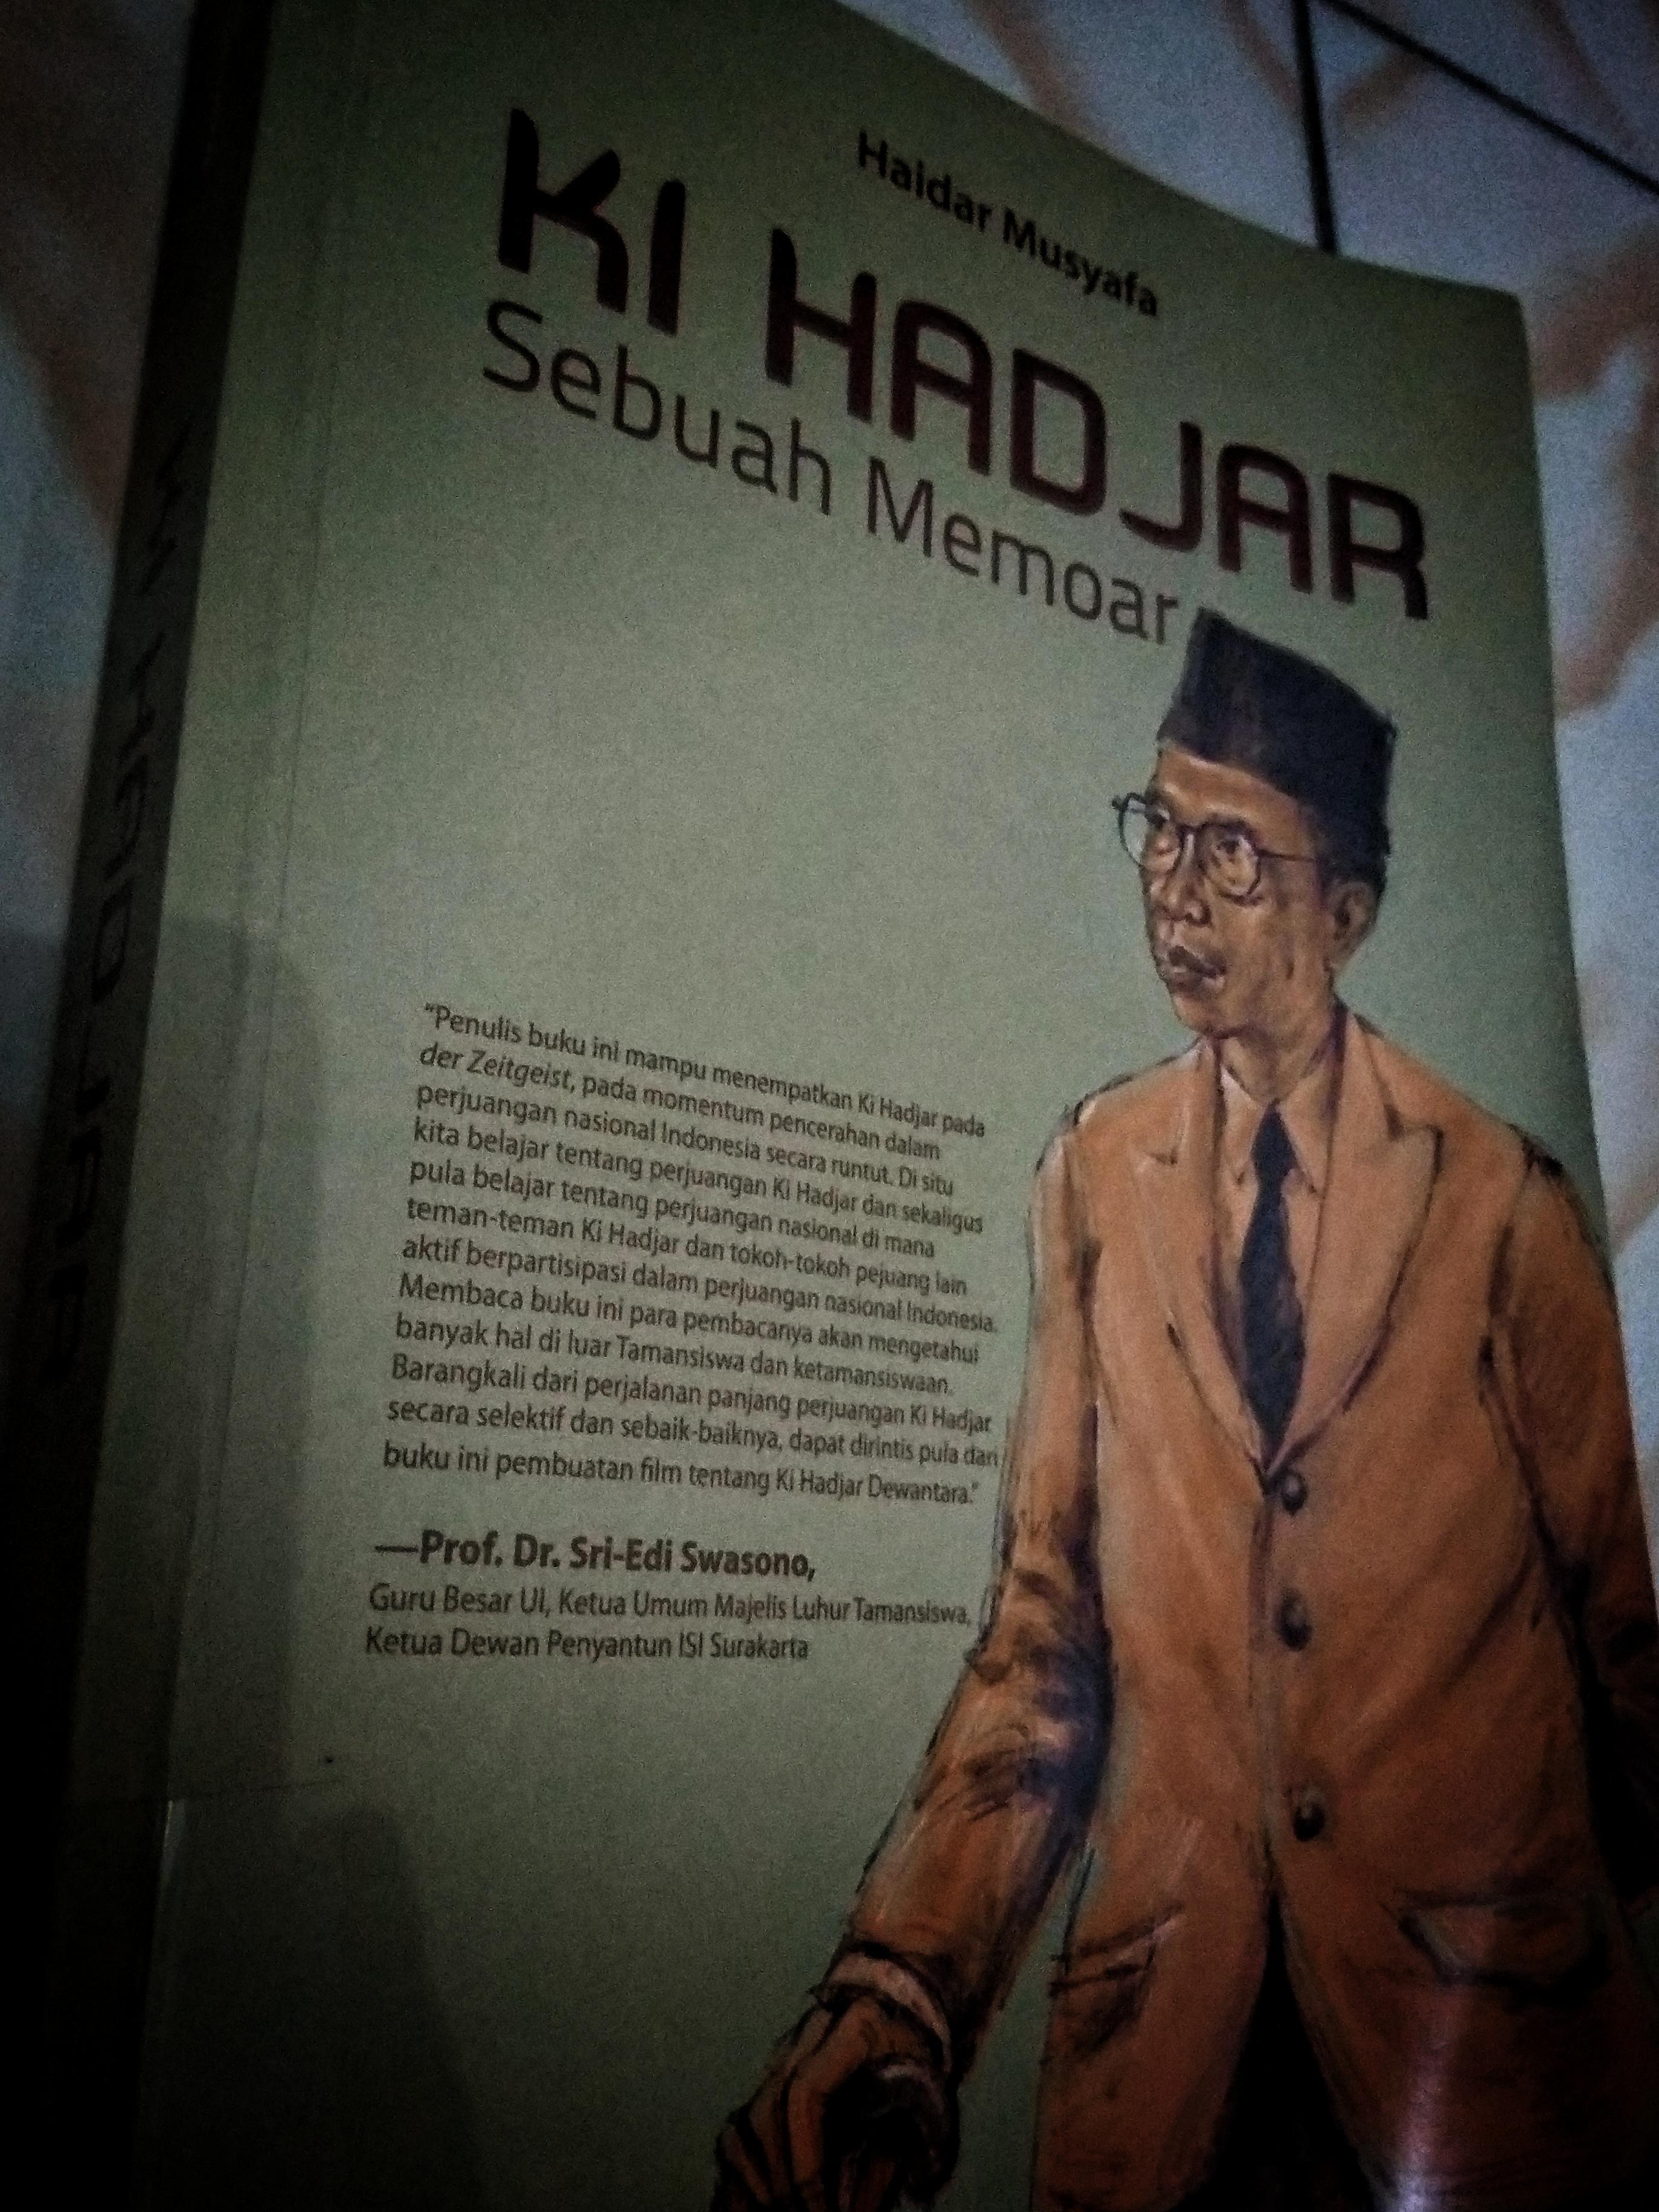 Novel Ki Hadjar: Sebuah Memoar